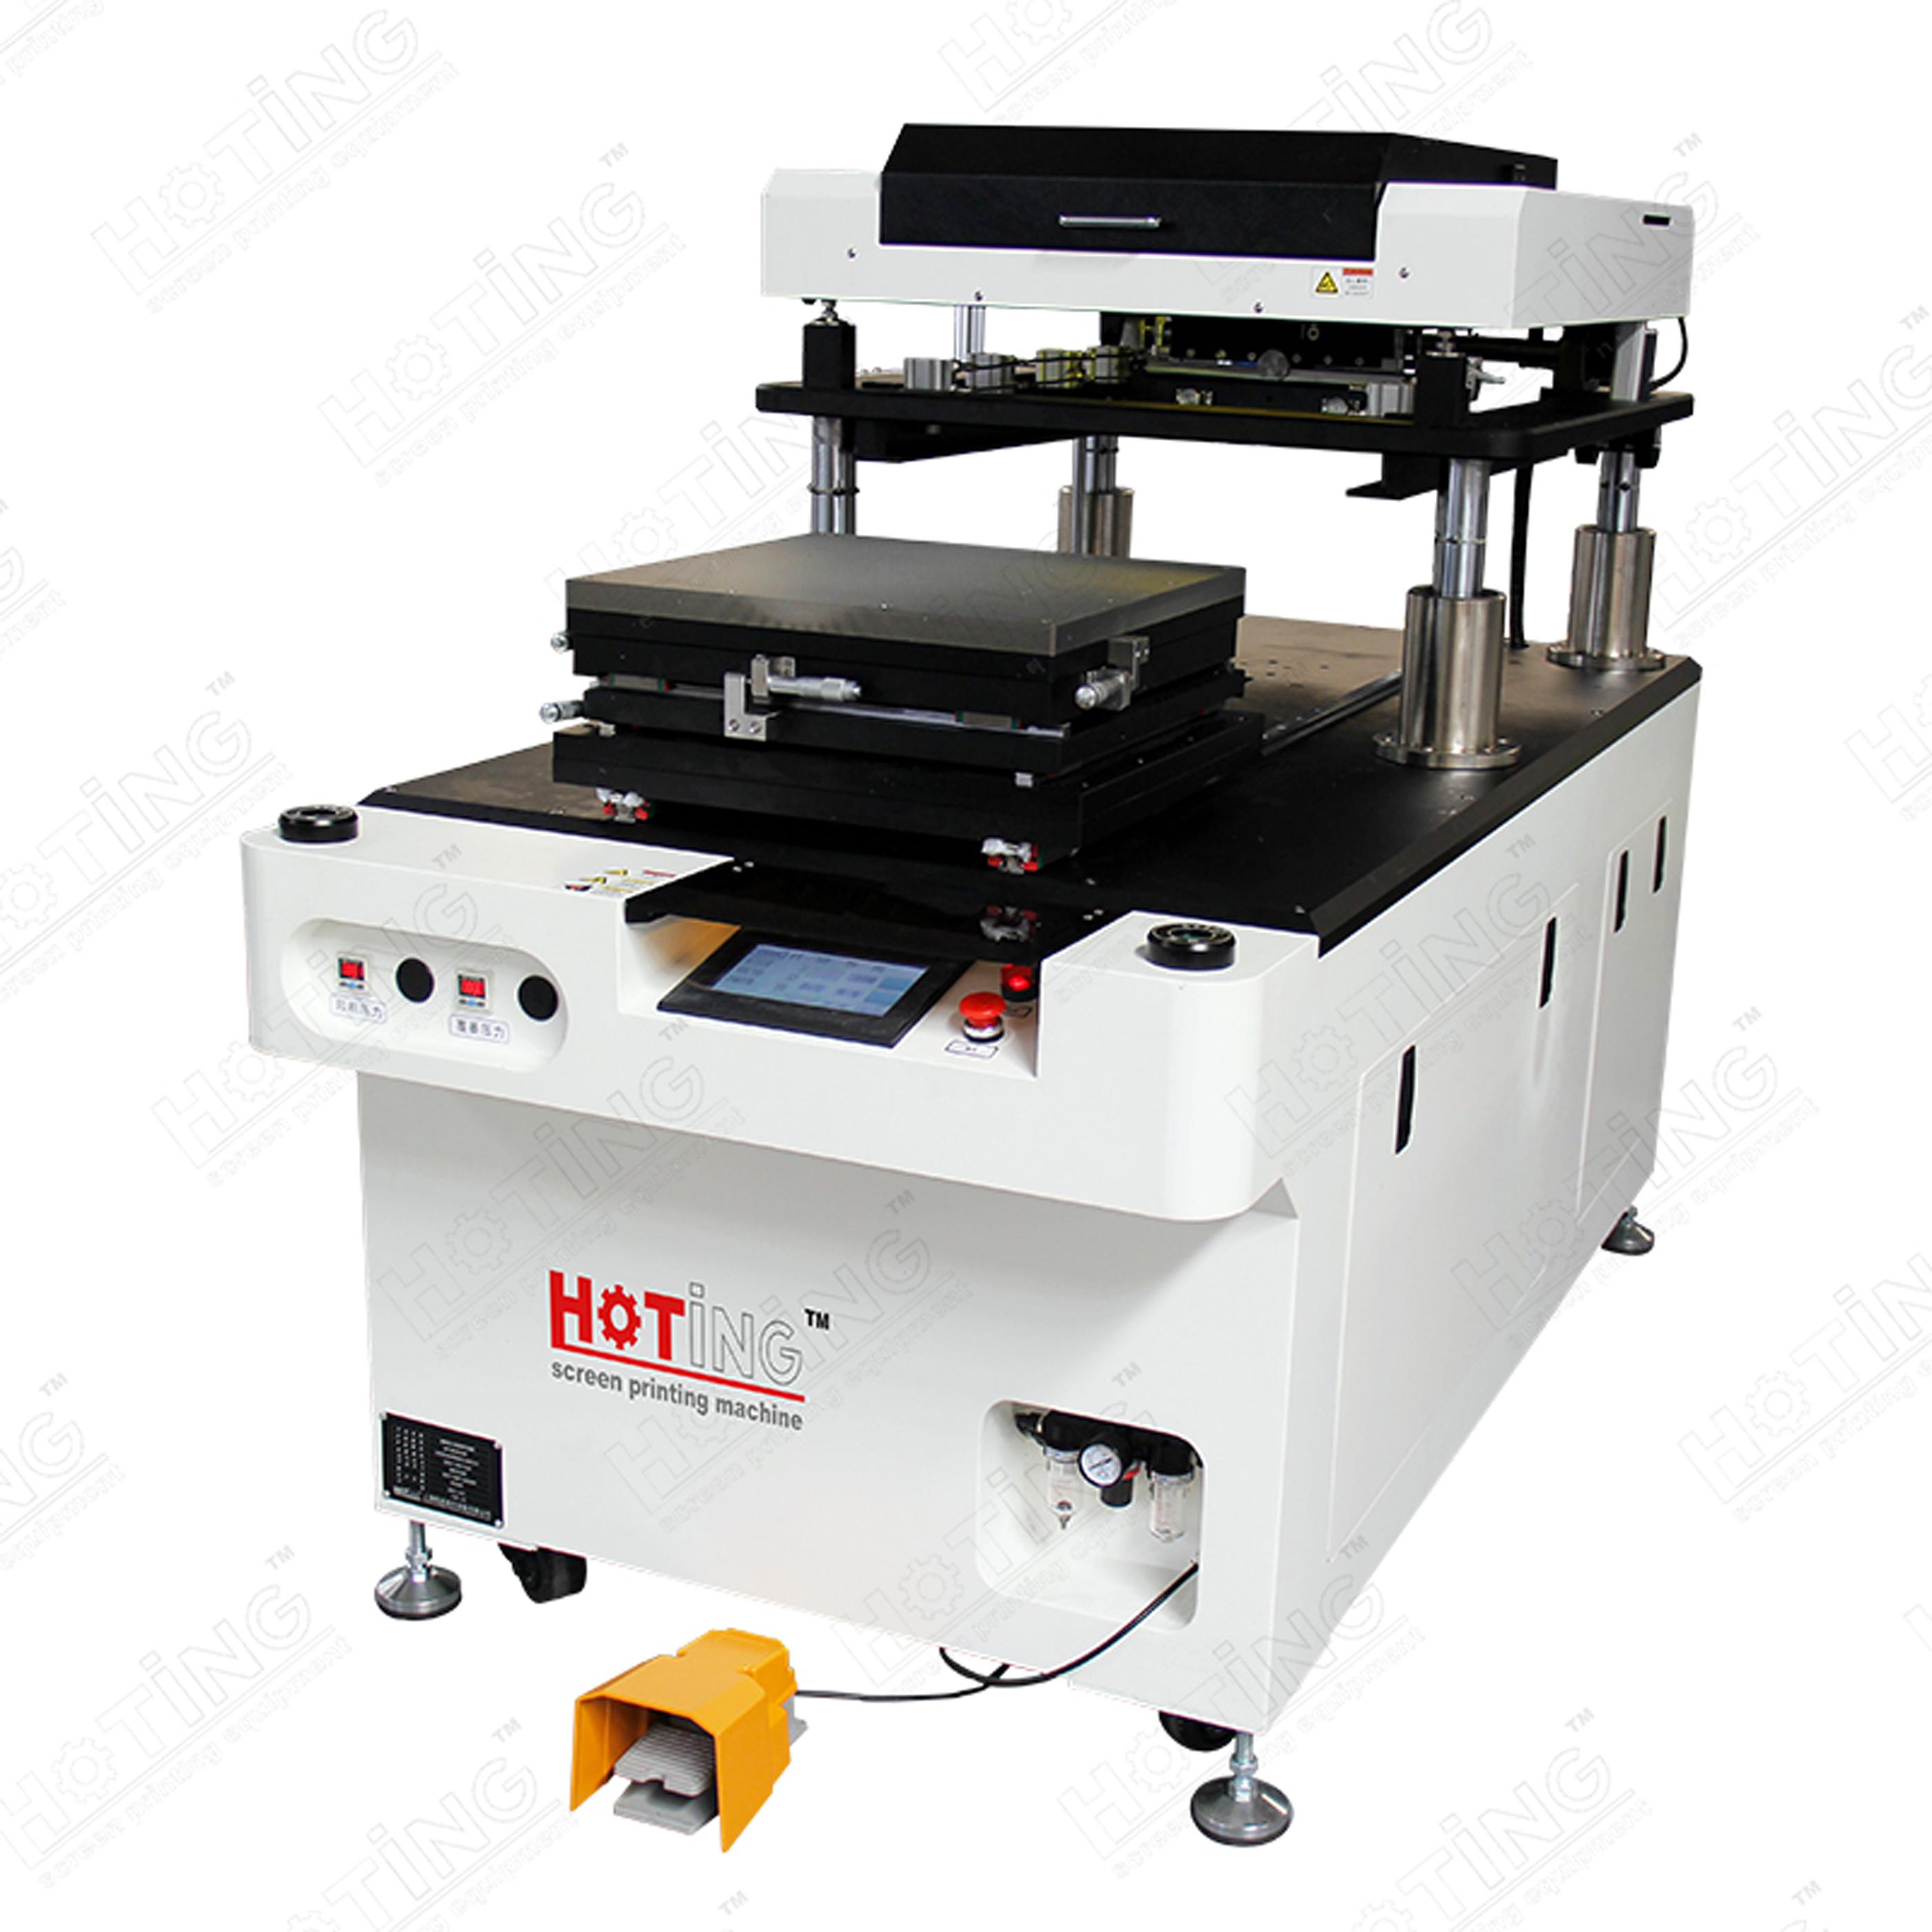 LTCC 厚膜电阻 欧宝体育平台介绍印刷机